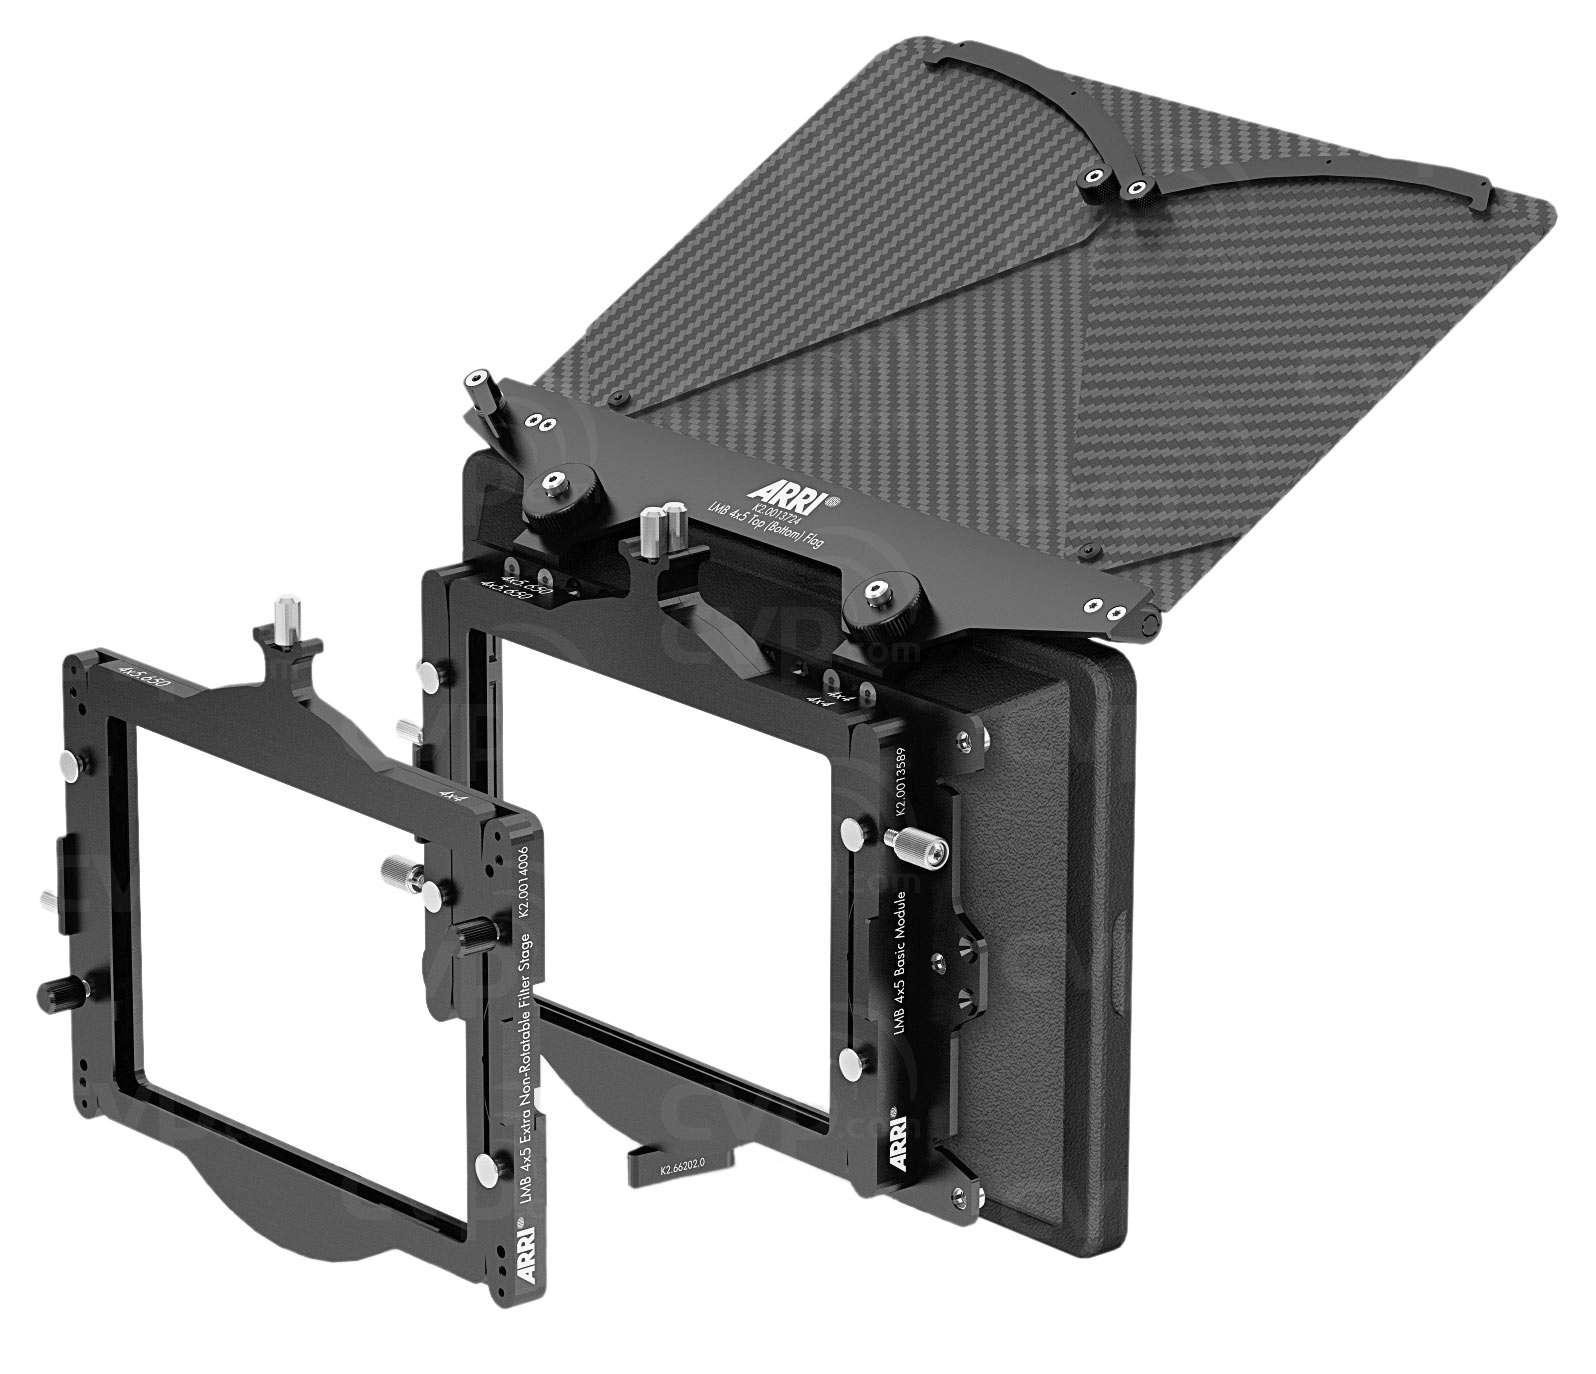 ARRI KK.0015175 (KK0015175) LMB 4x5 Clamp-On Set 3-stage